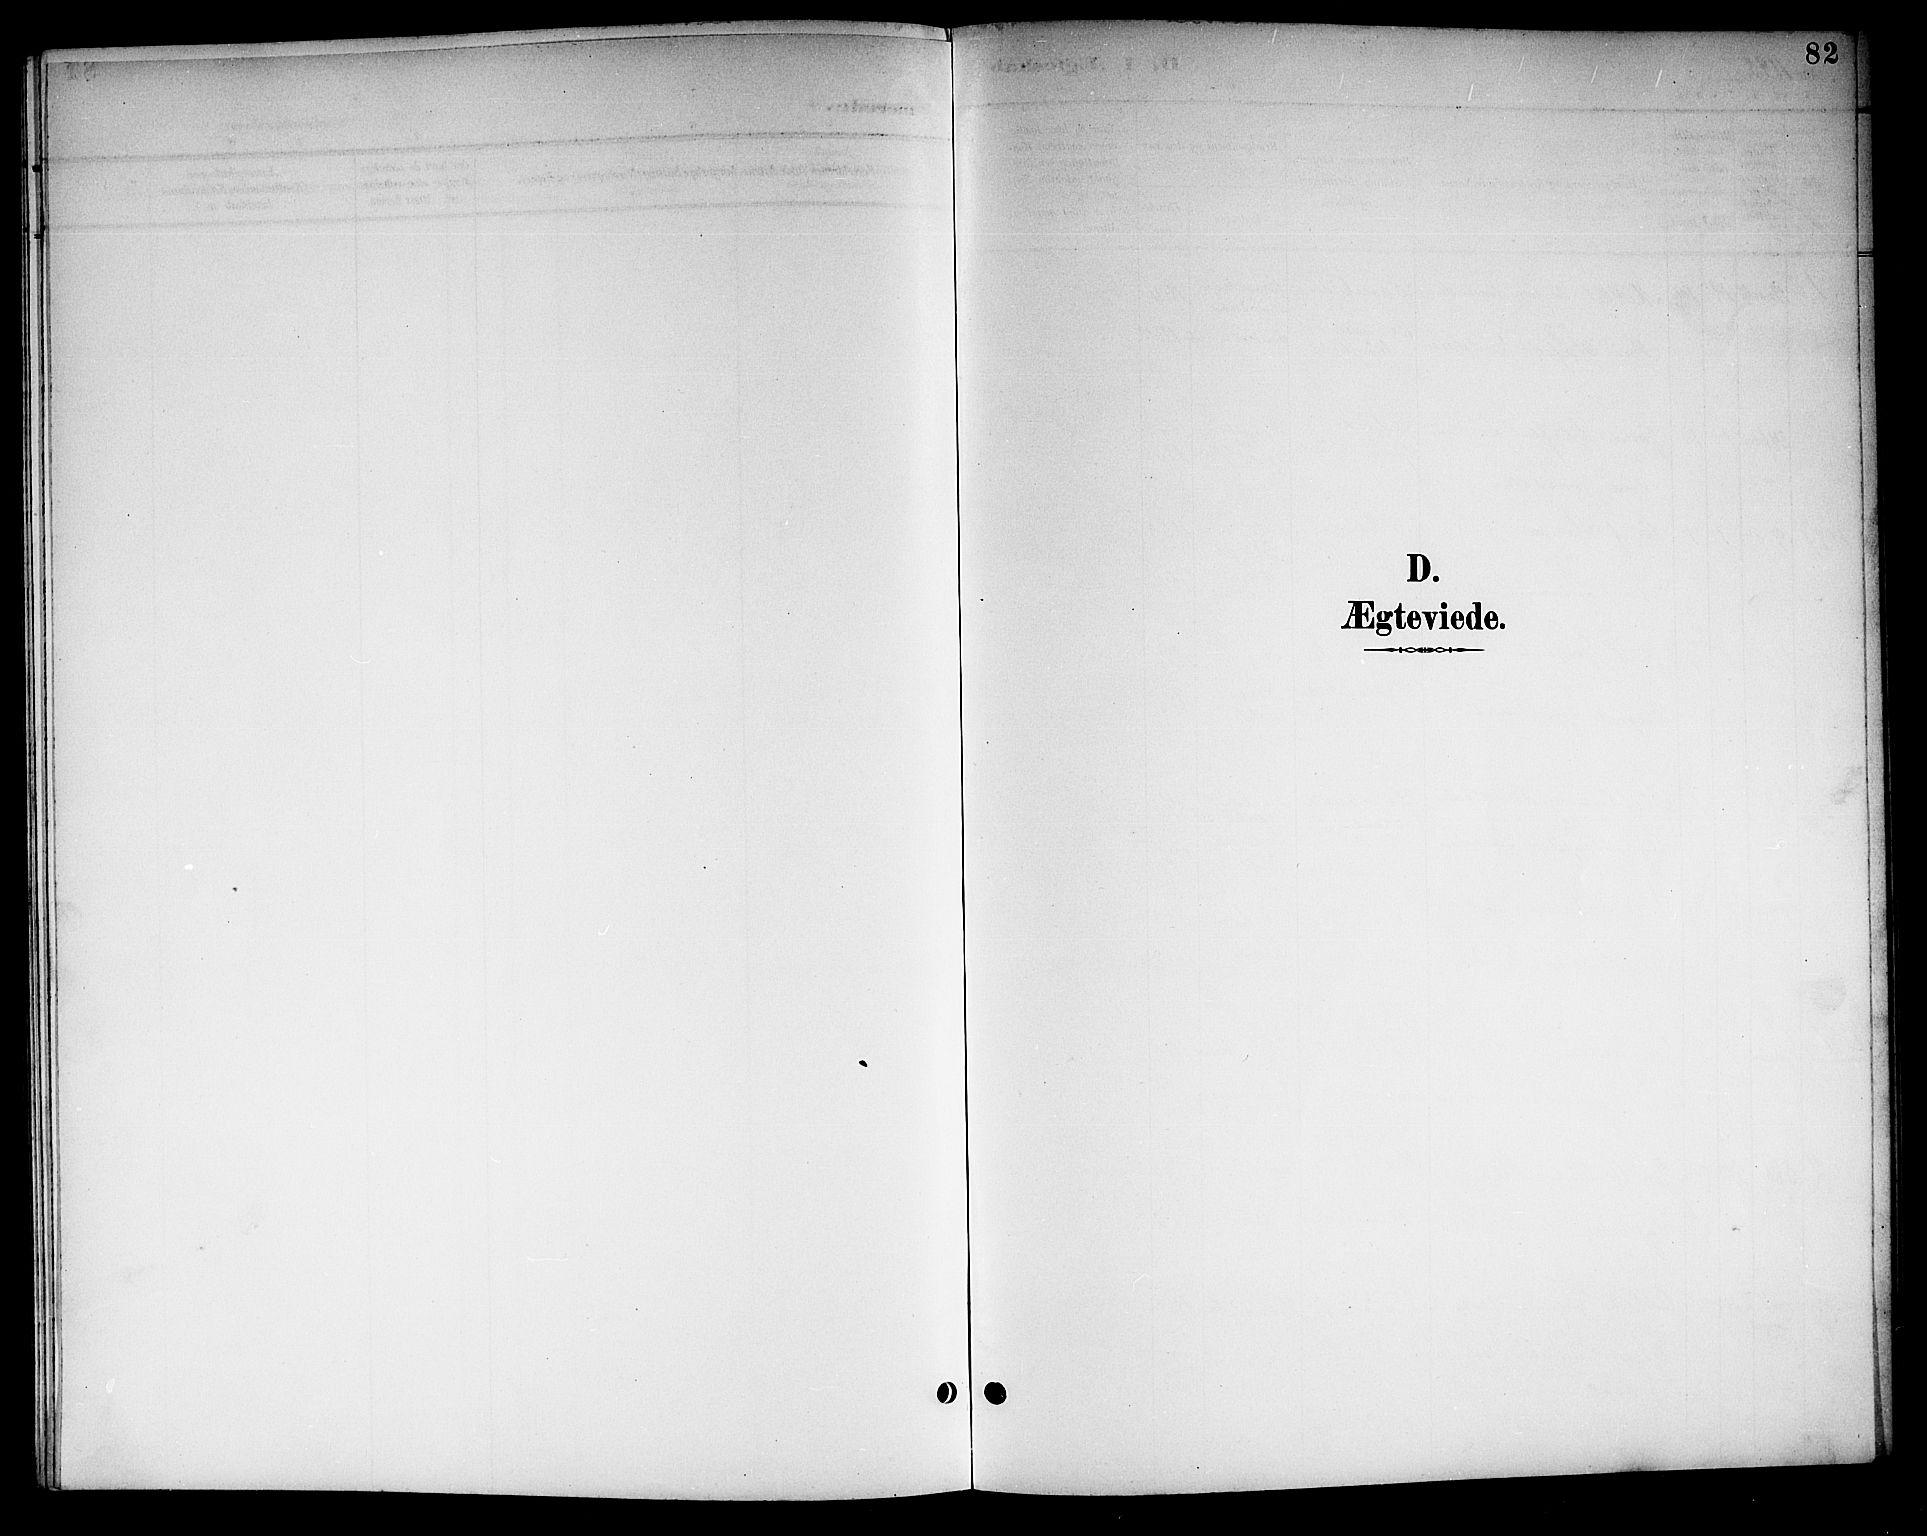 SAKO, Kviteseid kirkebøker, G/Gc/L0001: Klokkerbok nr. III 1, 1893-1916, s. 82